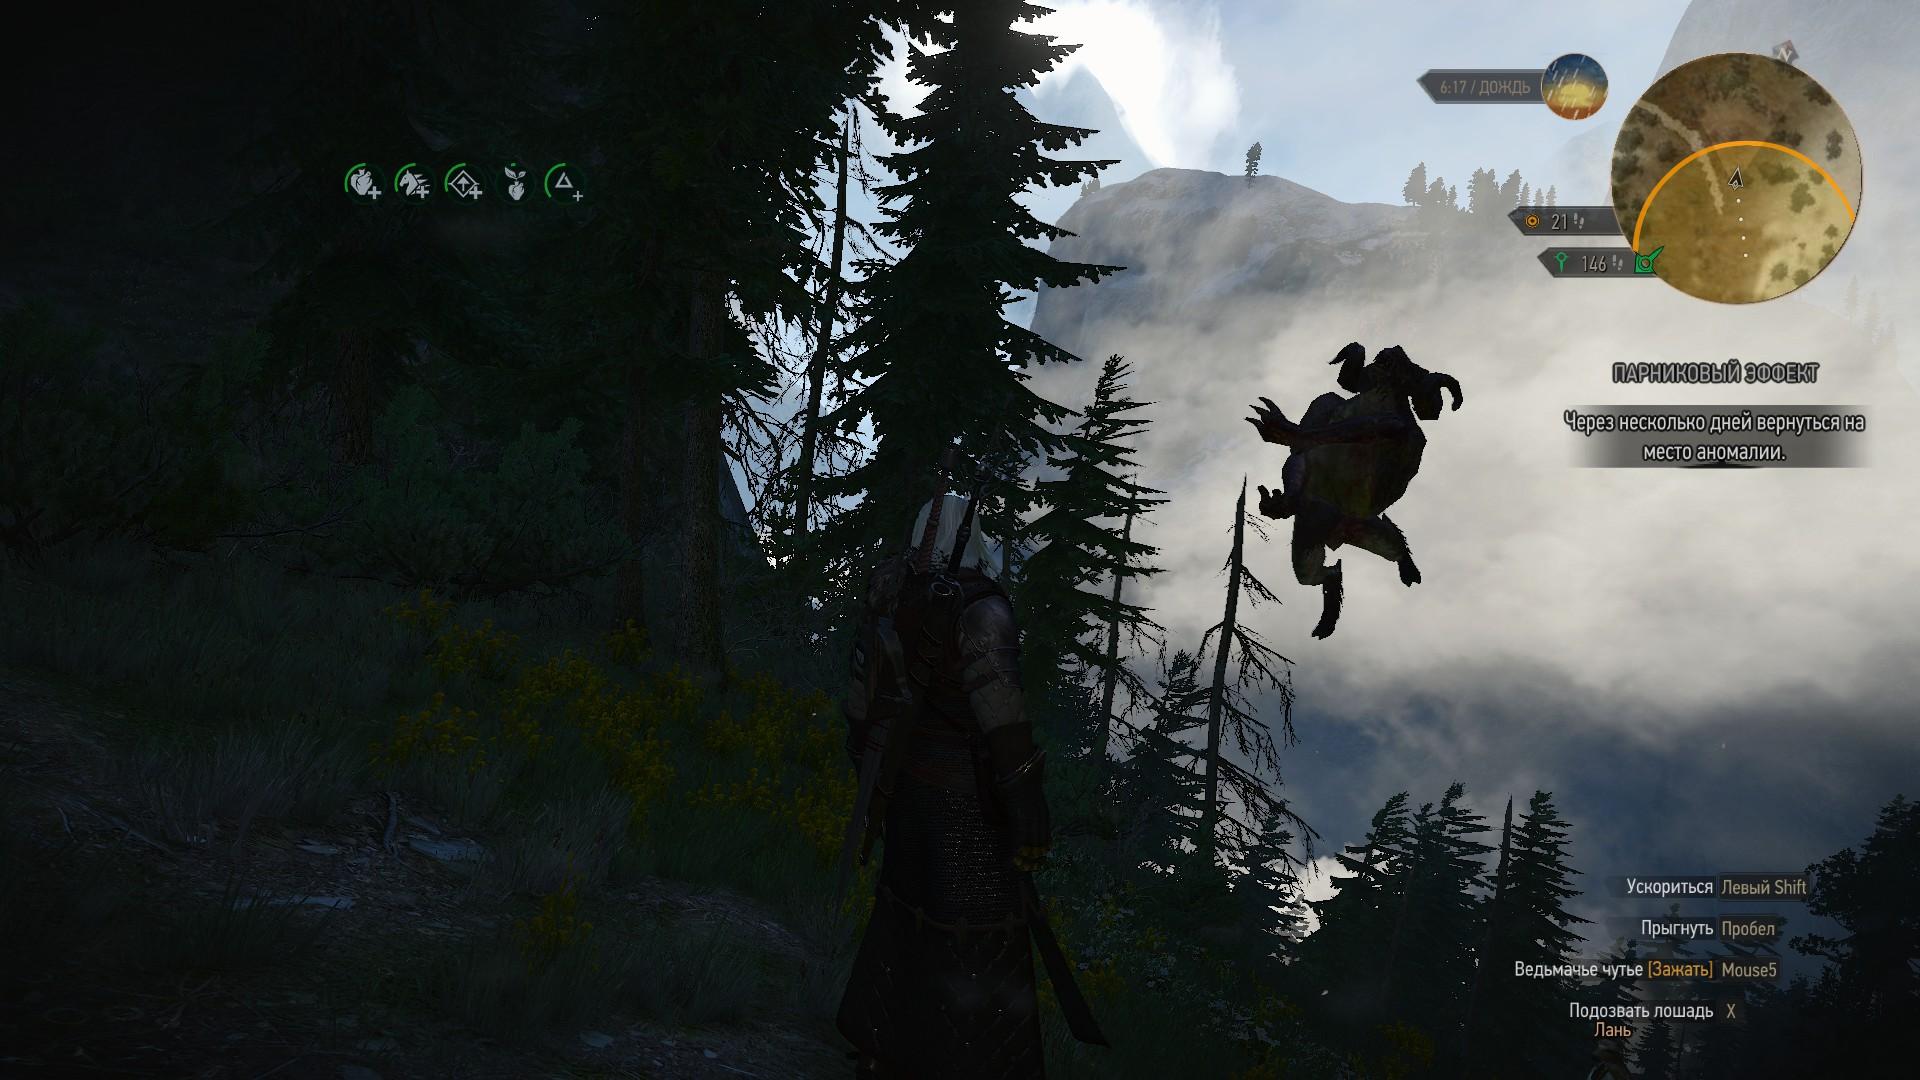 Черти убегают от Геральта вприпрыжку - Witcher 3: Wild Hunt, the Юмор